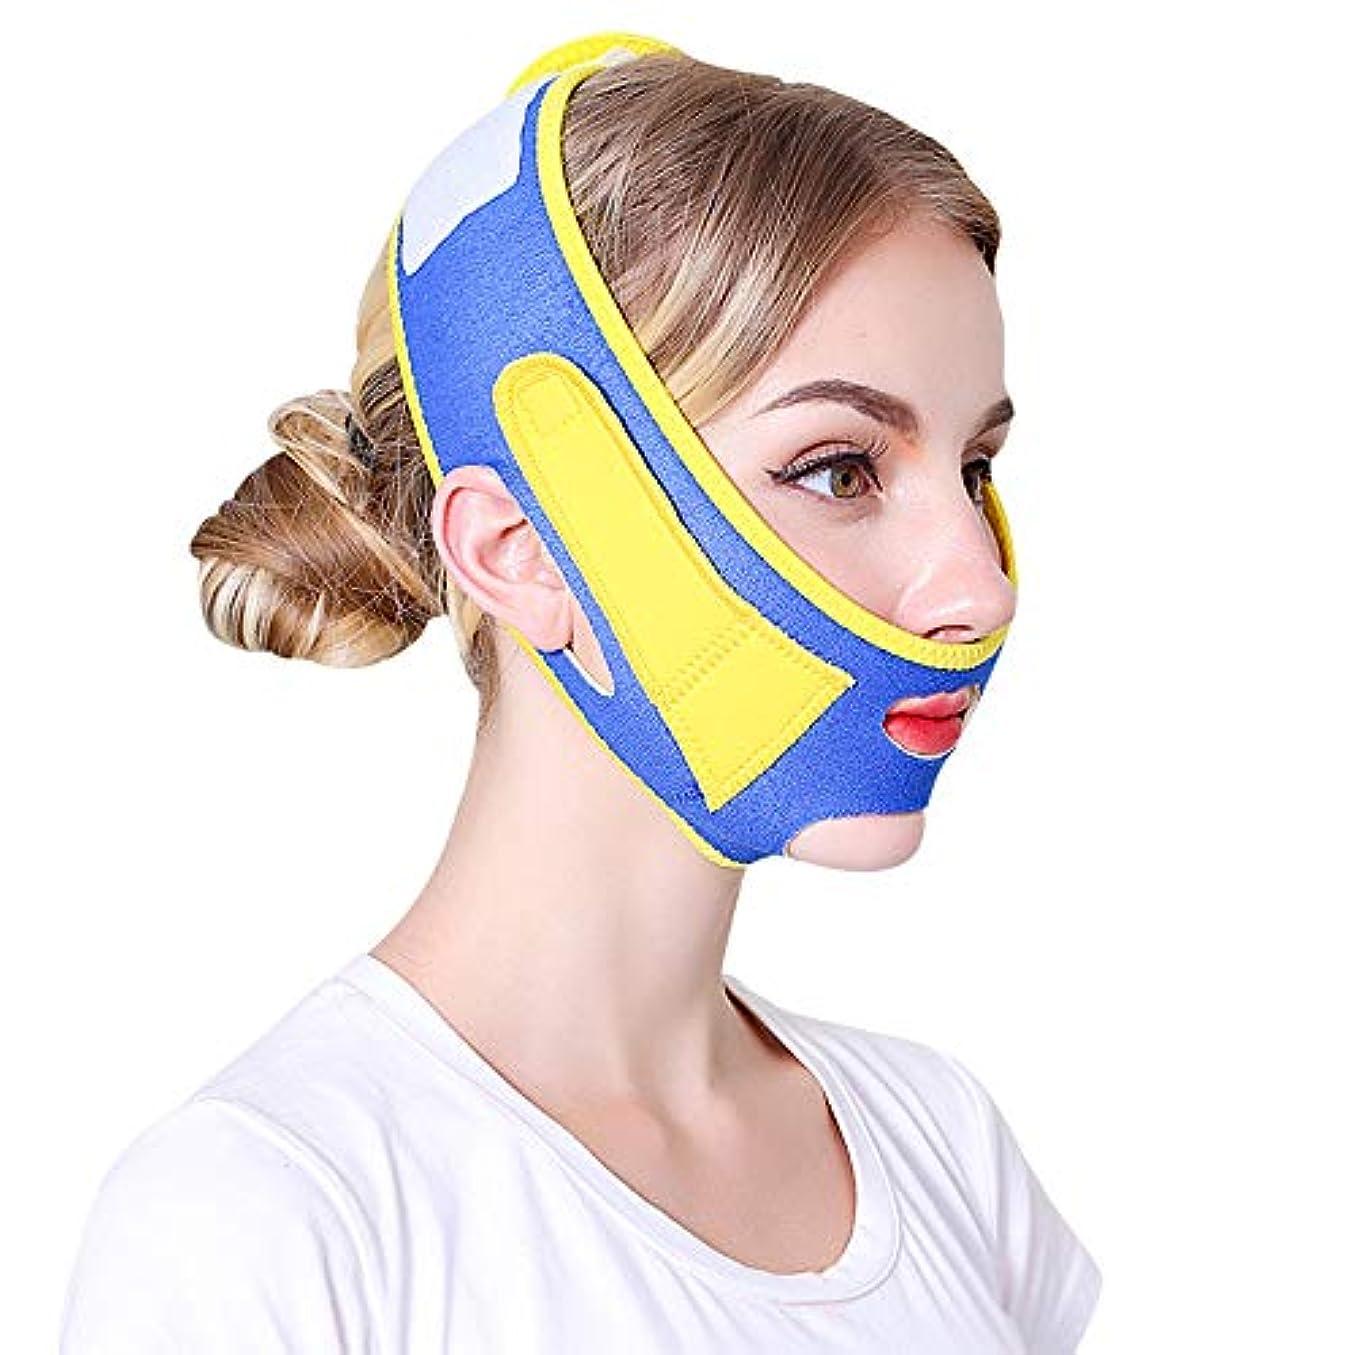 酔う顔料スポーツをするKozzim小顔 矯正 ベルト リフトアップ 顔痩せ グッズ フェイスマスク メンズ レディース (青K1)